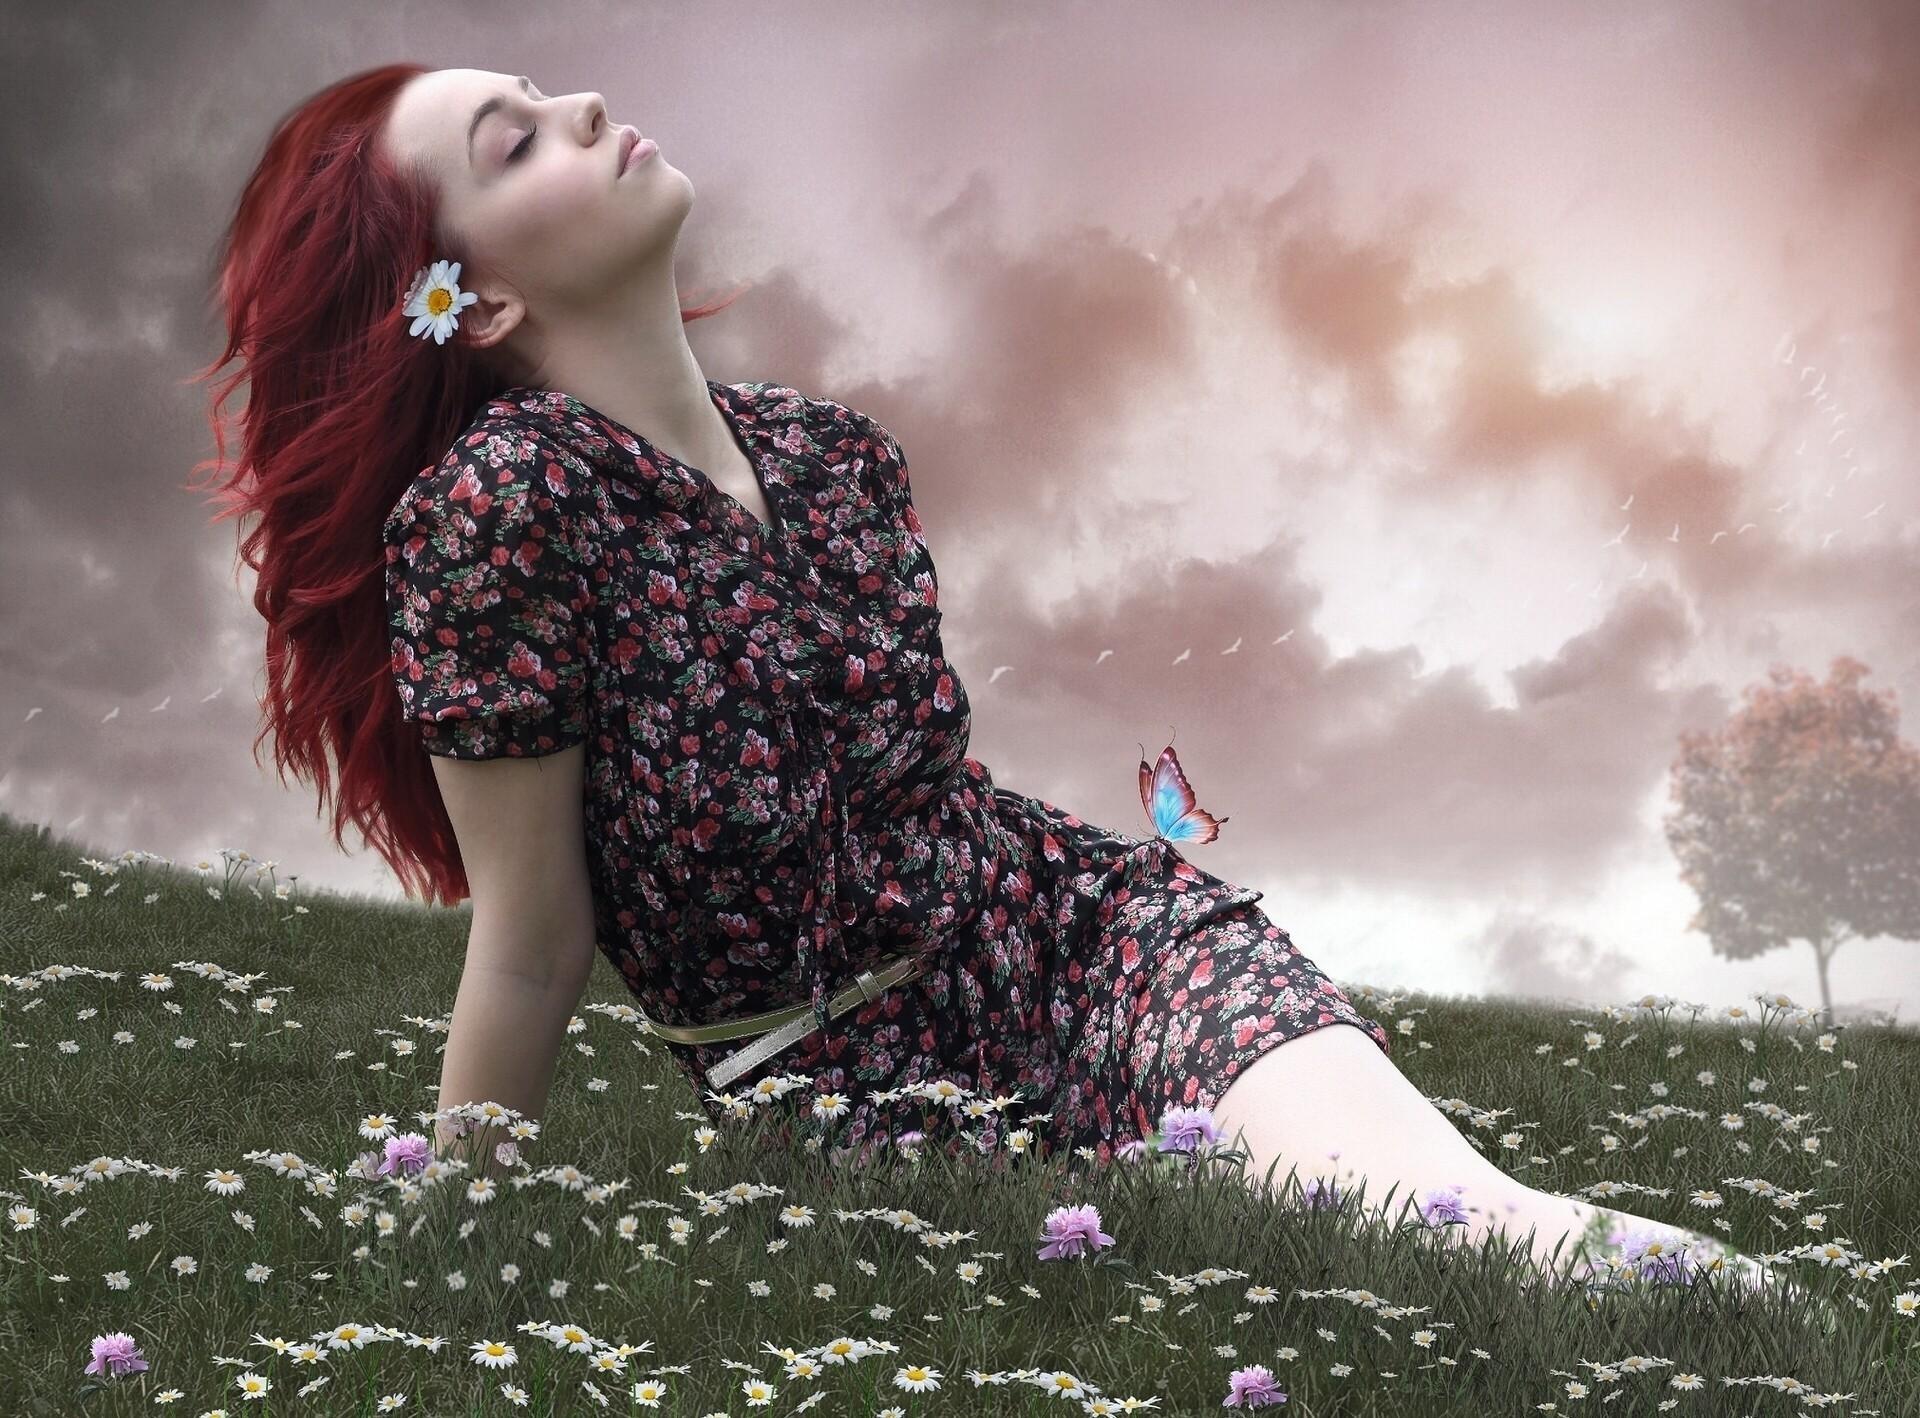 Wallpaper  Women, Model, Fantasy Art, Flowers, Love, Red -4593